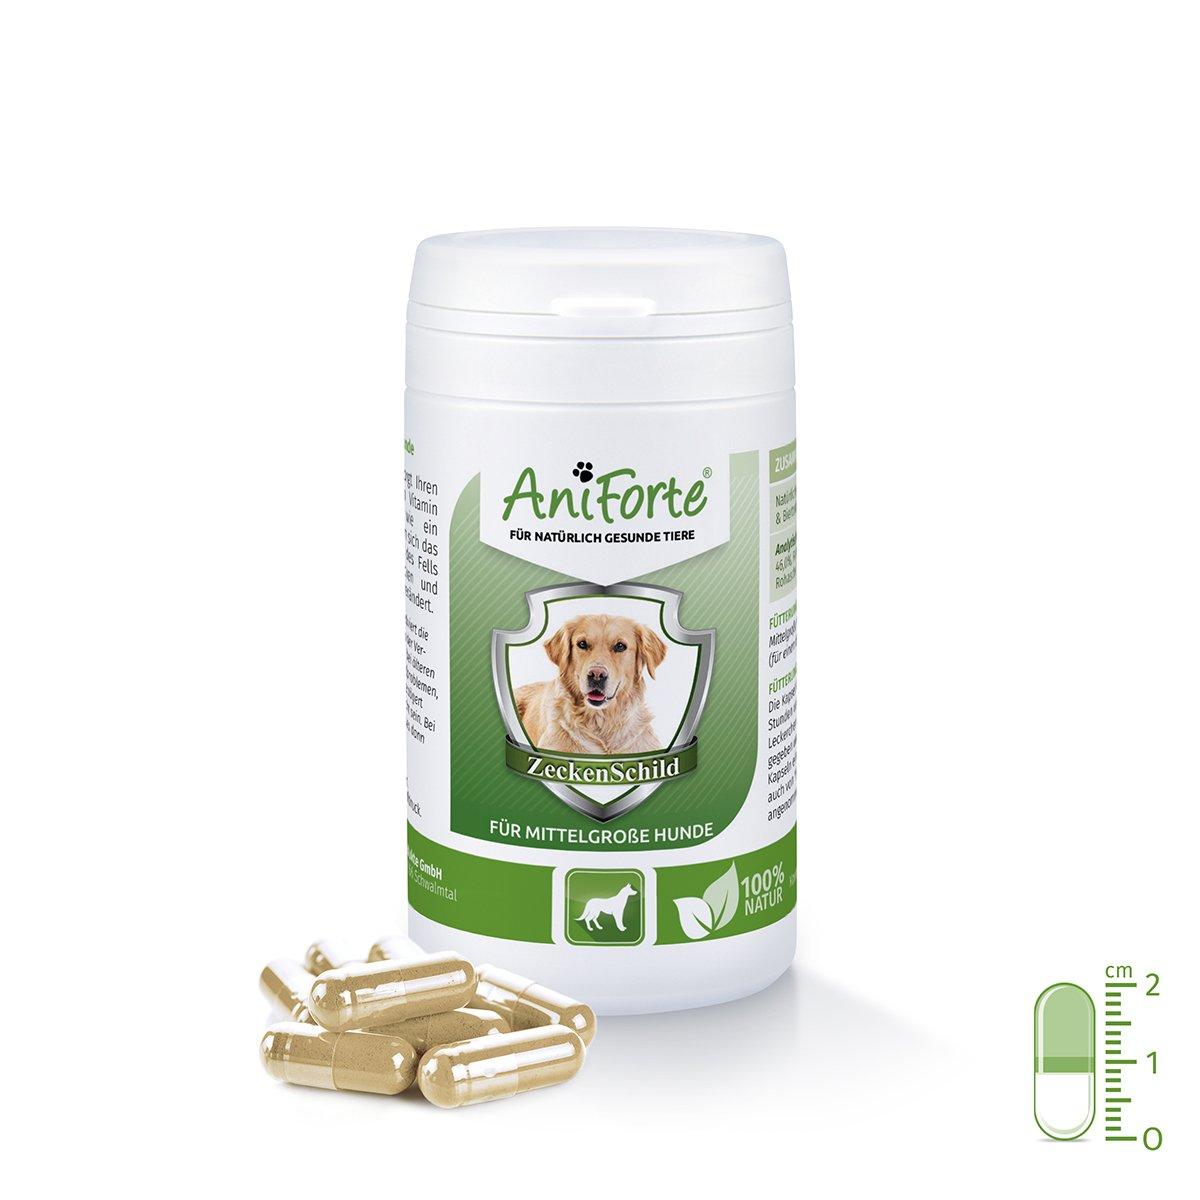 AniForte Zeckenschild natürlicher Zeckenschutz 60 Kapseln - Naturprodukt für mittelgroße Hunde 10- 35 kg Görges Naturprodukte GmbH